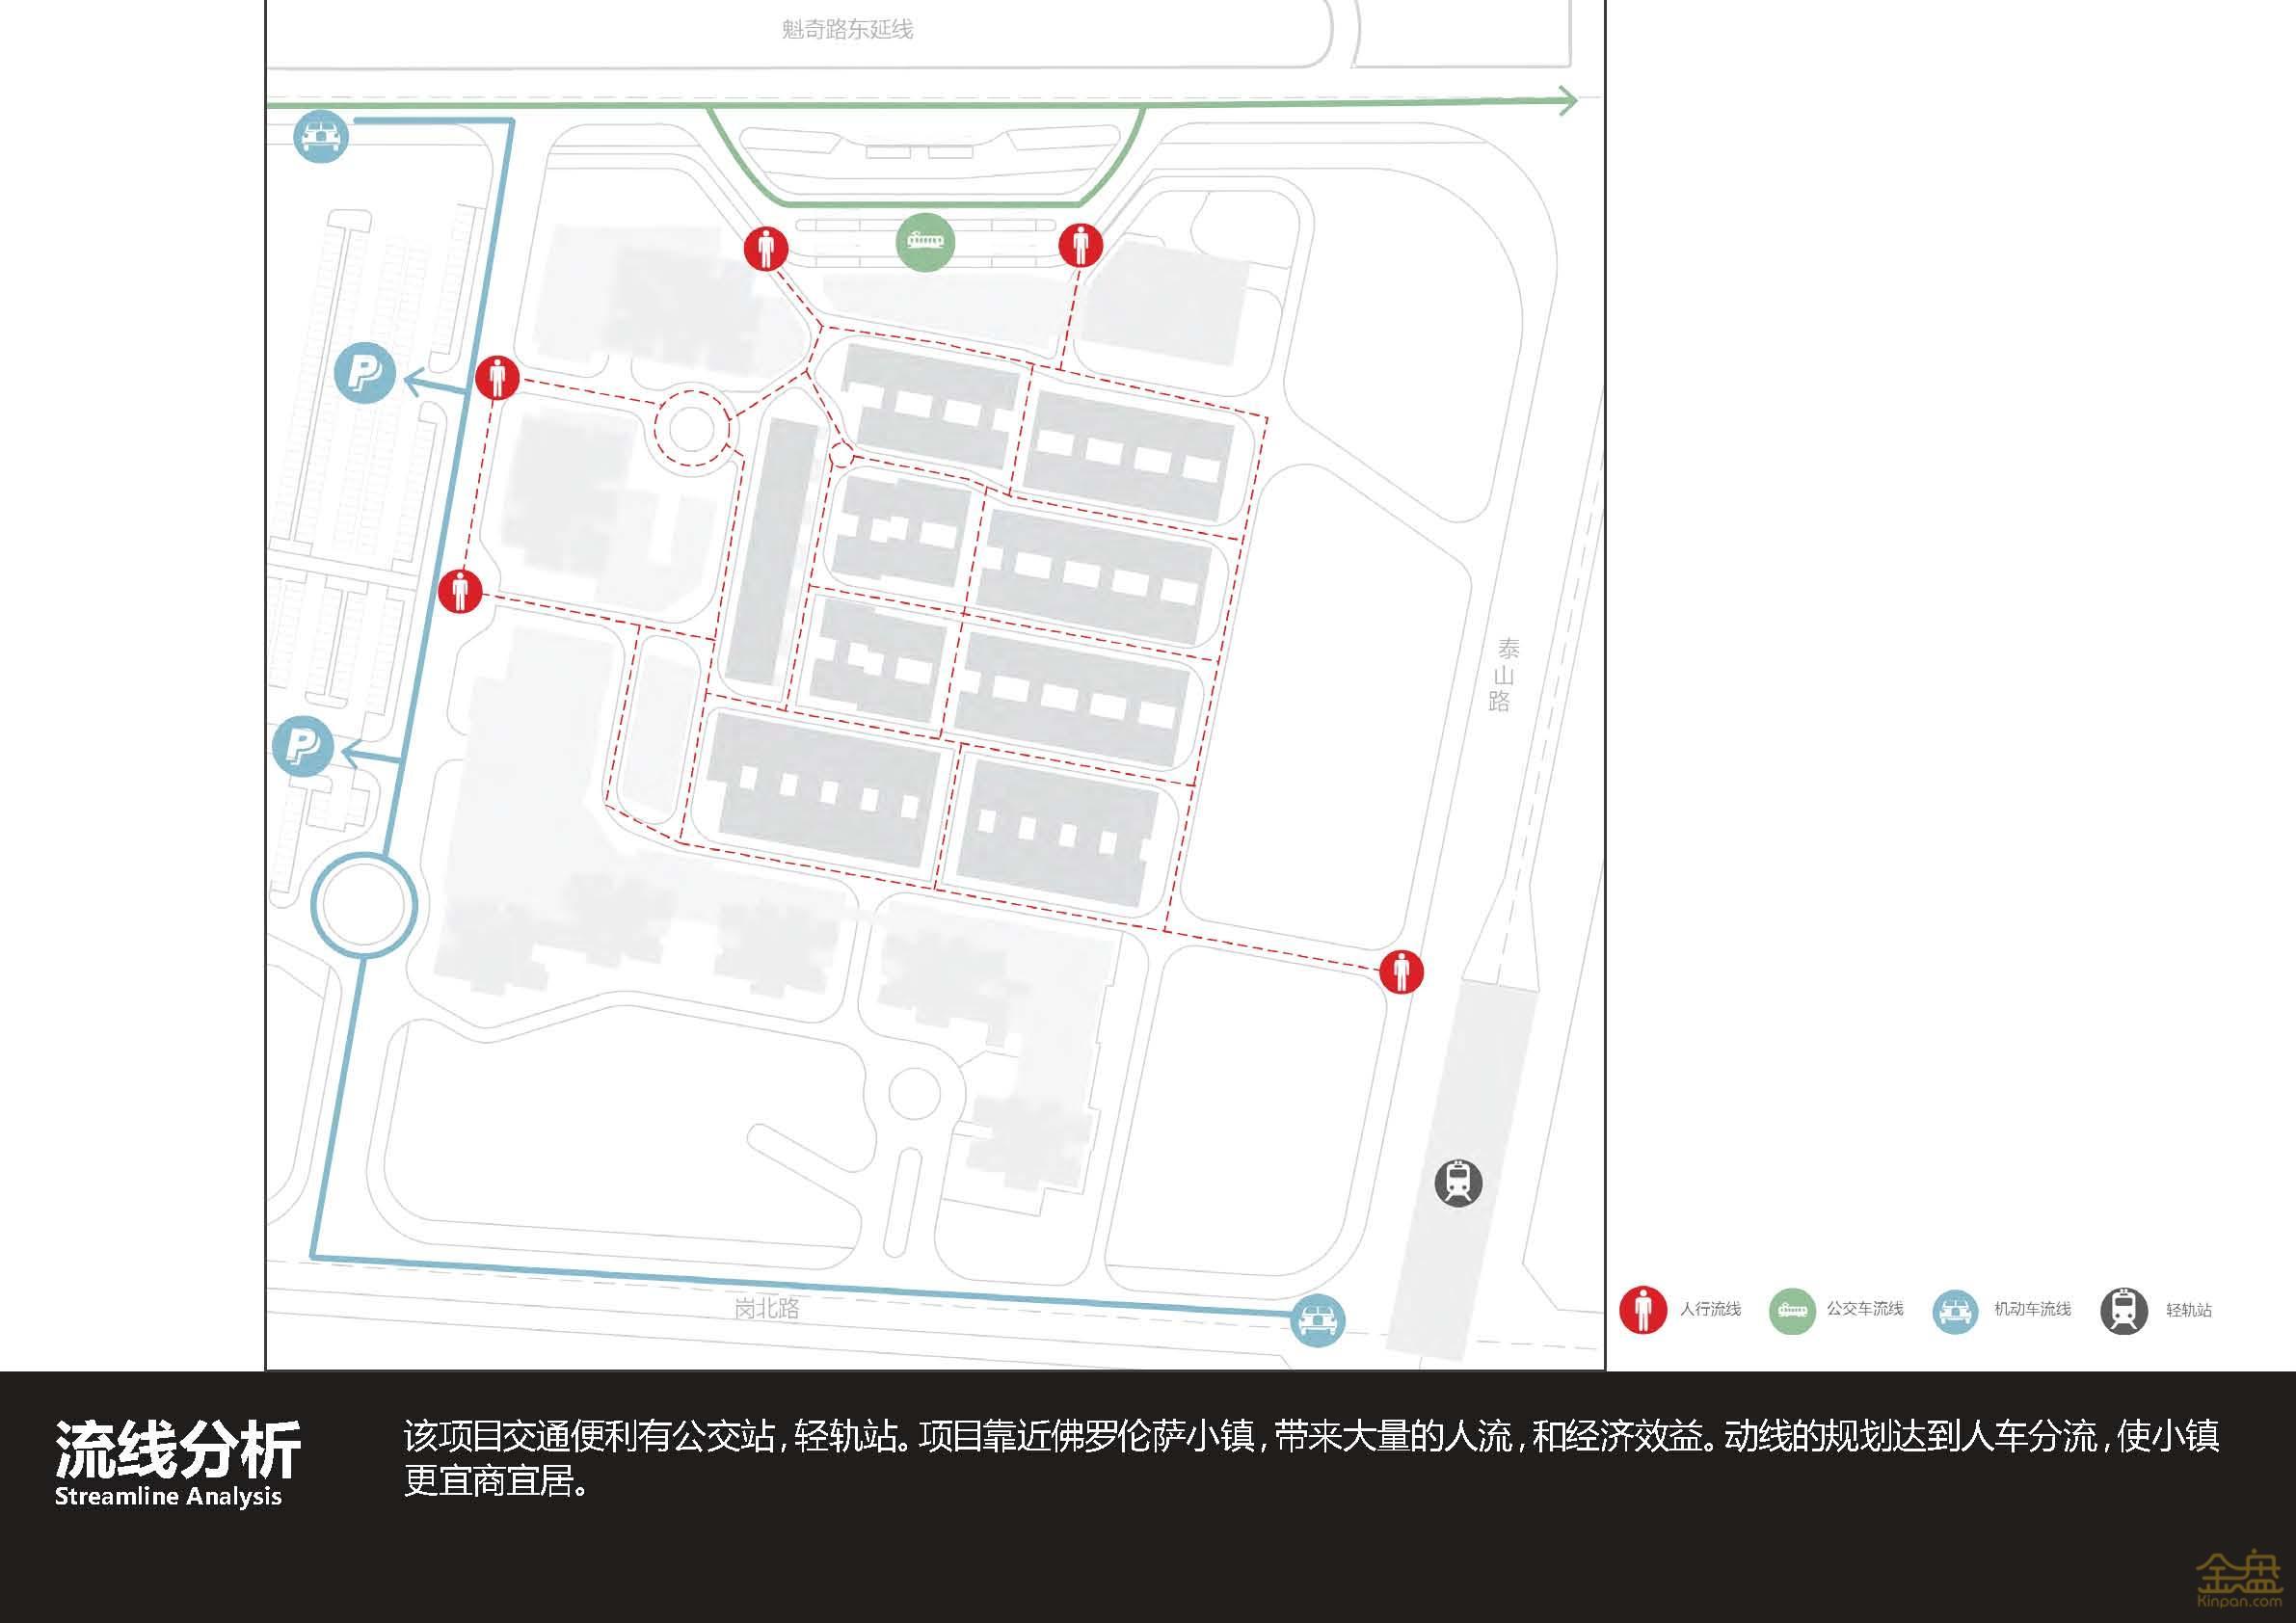 美第奇小镇设计分享_页面_11.jpg